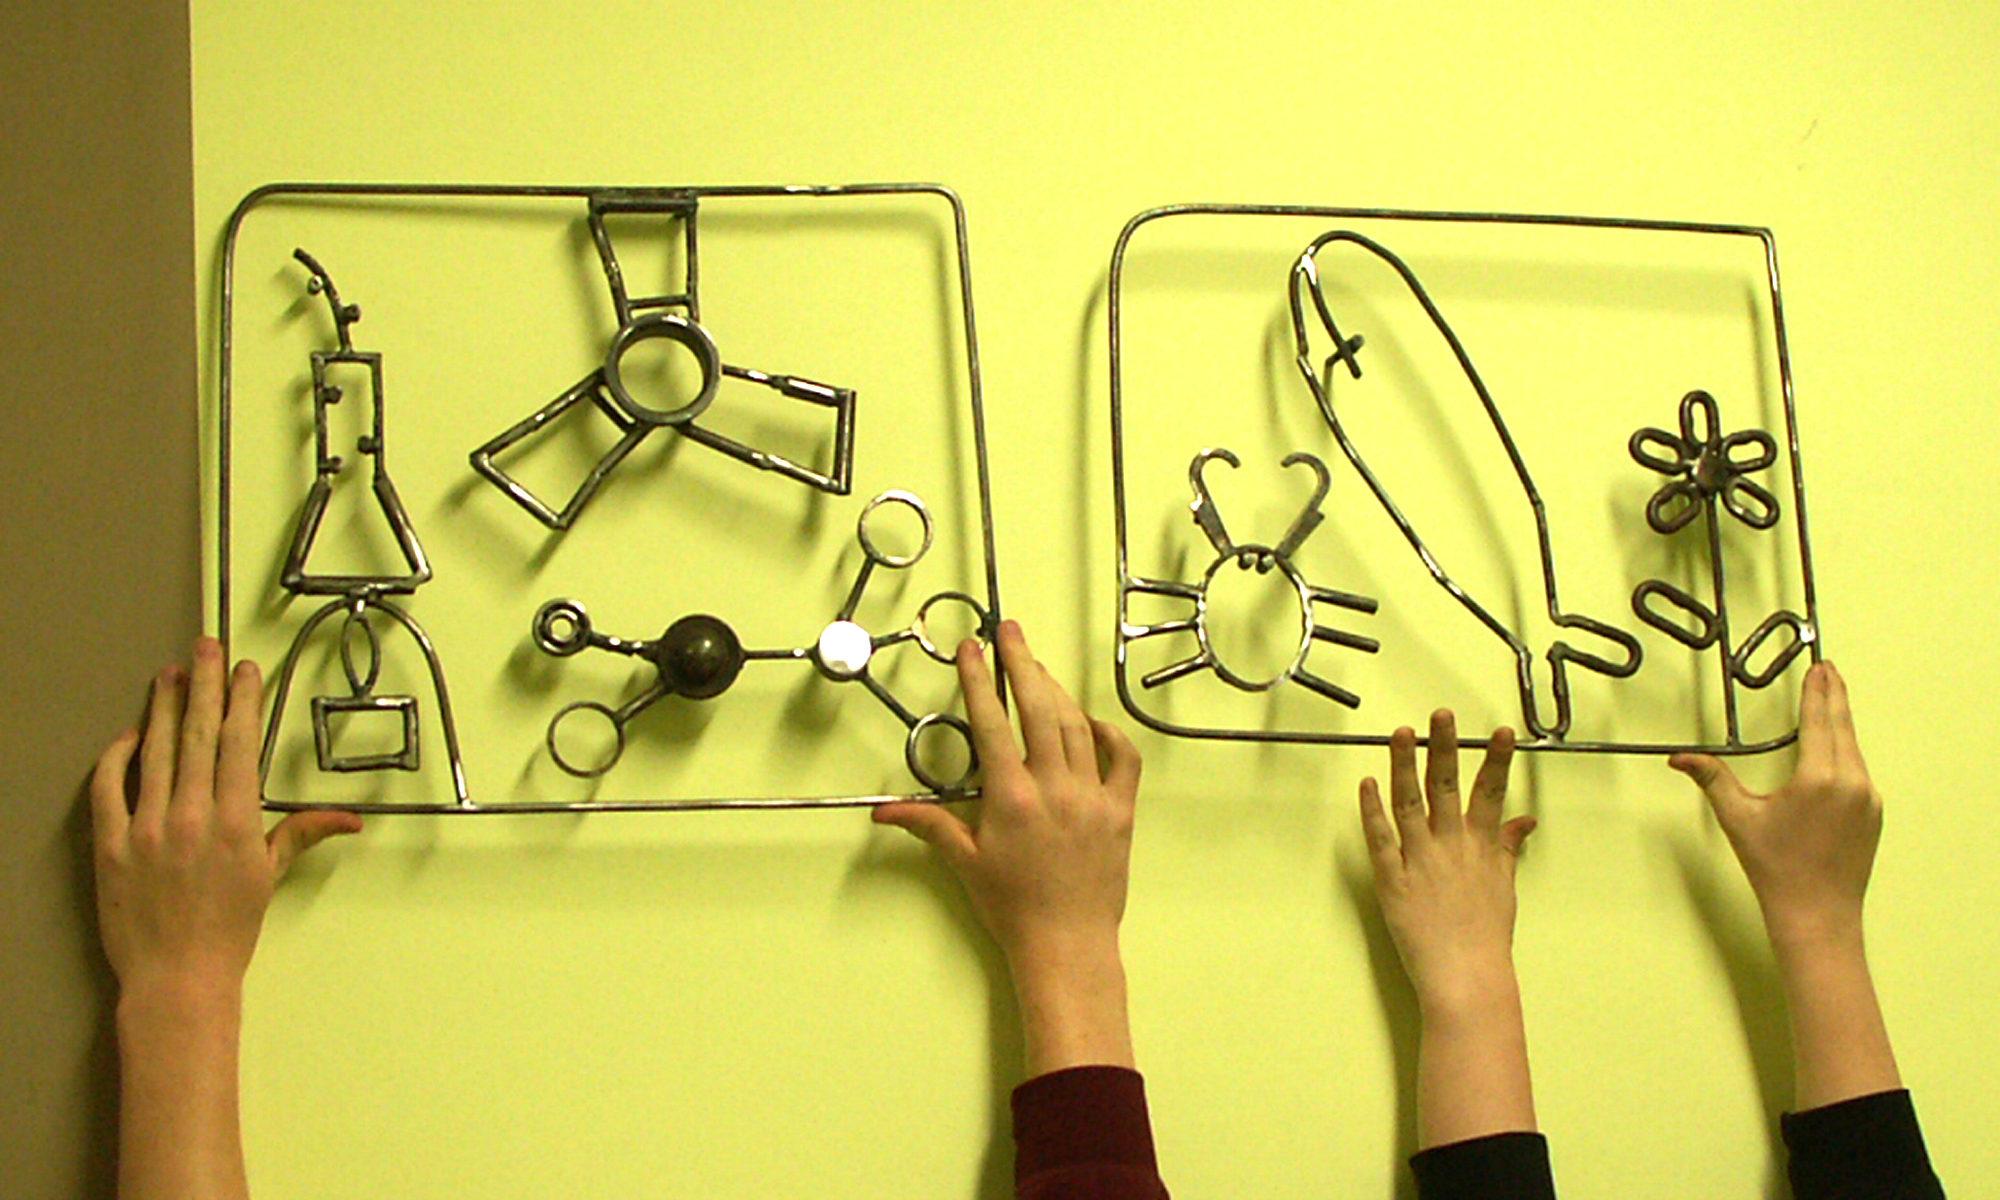 Schulprojekt Piktogramme, Carl-Diercke-Oberschule Kyritz, Schüler gestalten Piktogramme für Fachräume